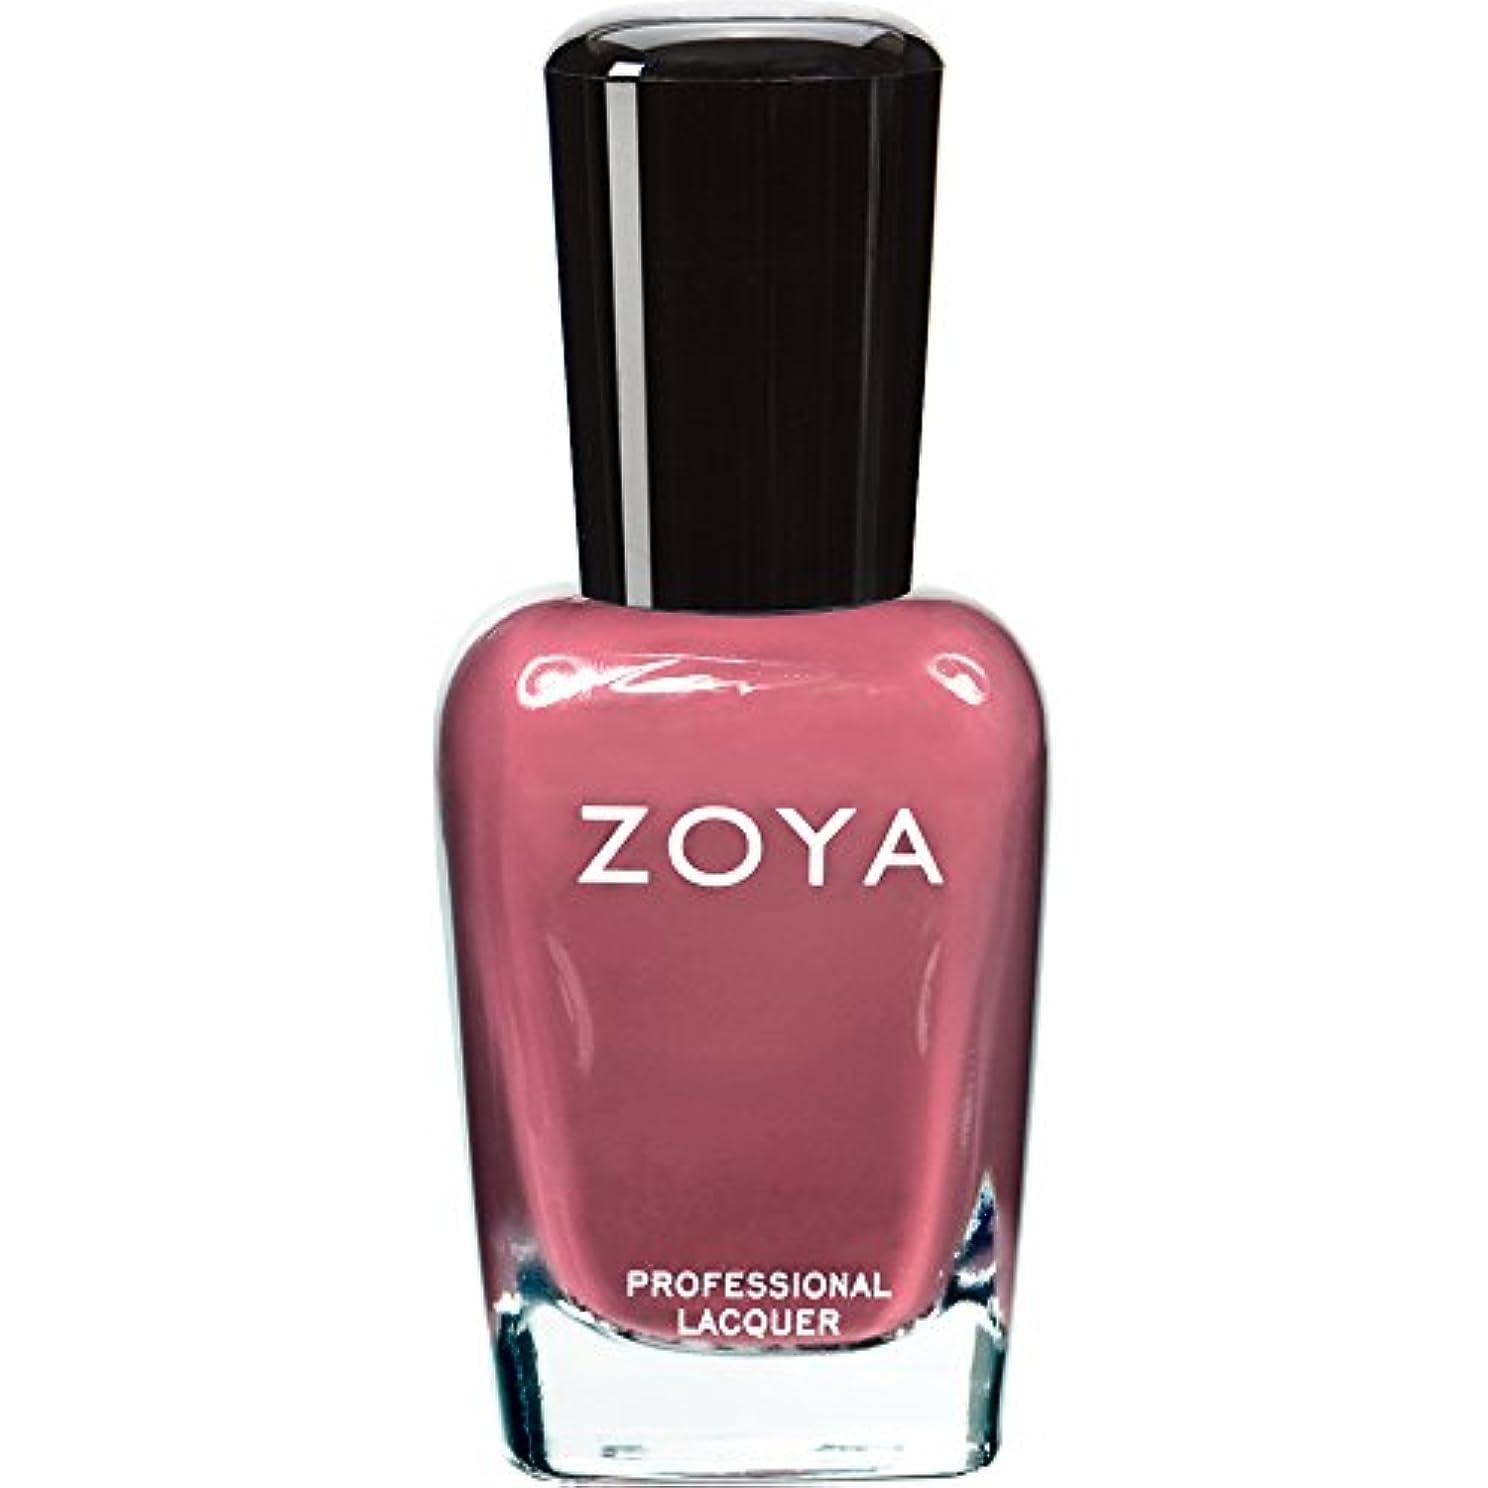 形式段落かすかなZOYA ゾーヤ ネイルカラー ZP422 COCO ココ 15ml なめらかな深いモーブ マット 爪にやさしいネイルラッカーマニキュア